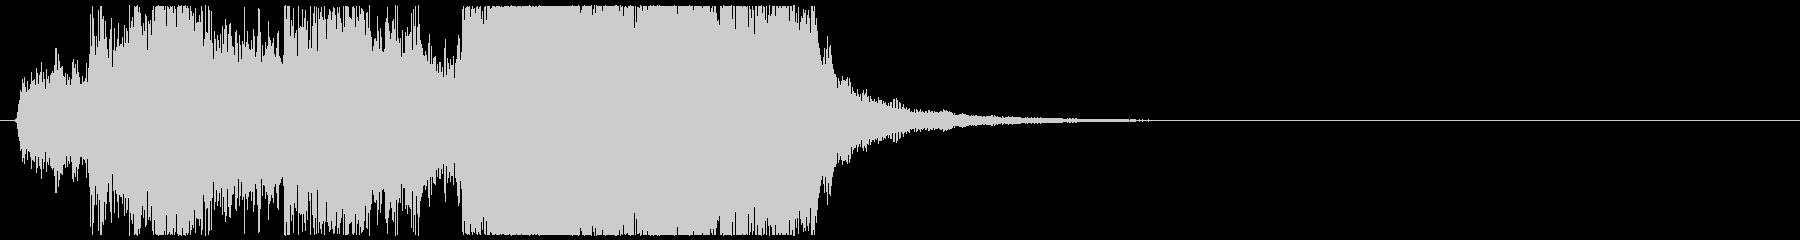 ジングル_ファンファーレ026 金管短めの未再生の波形